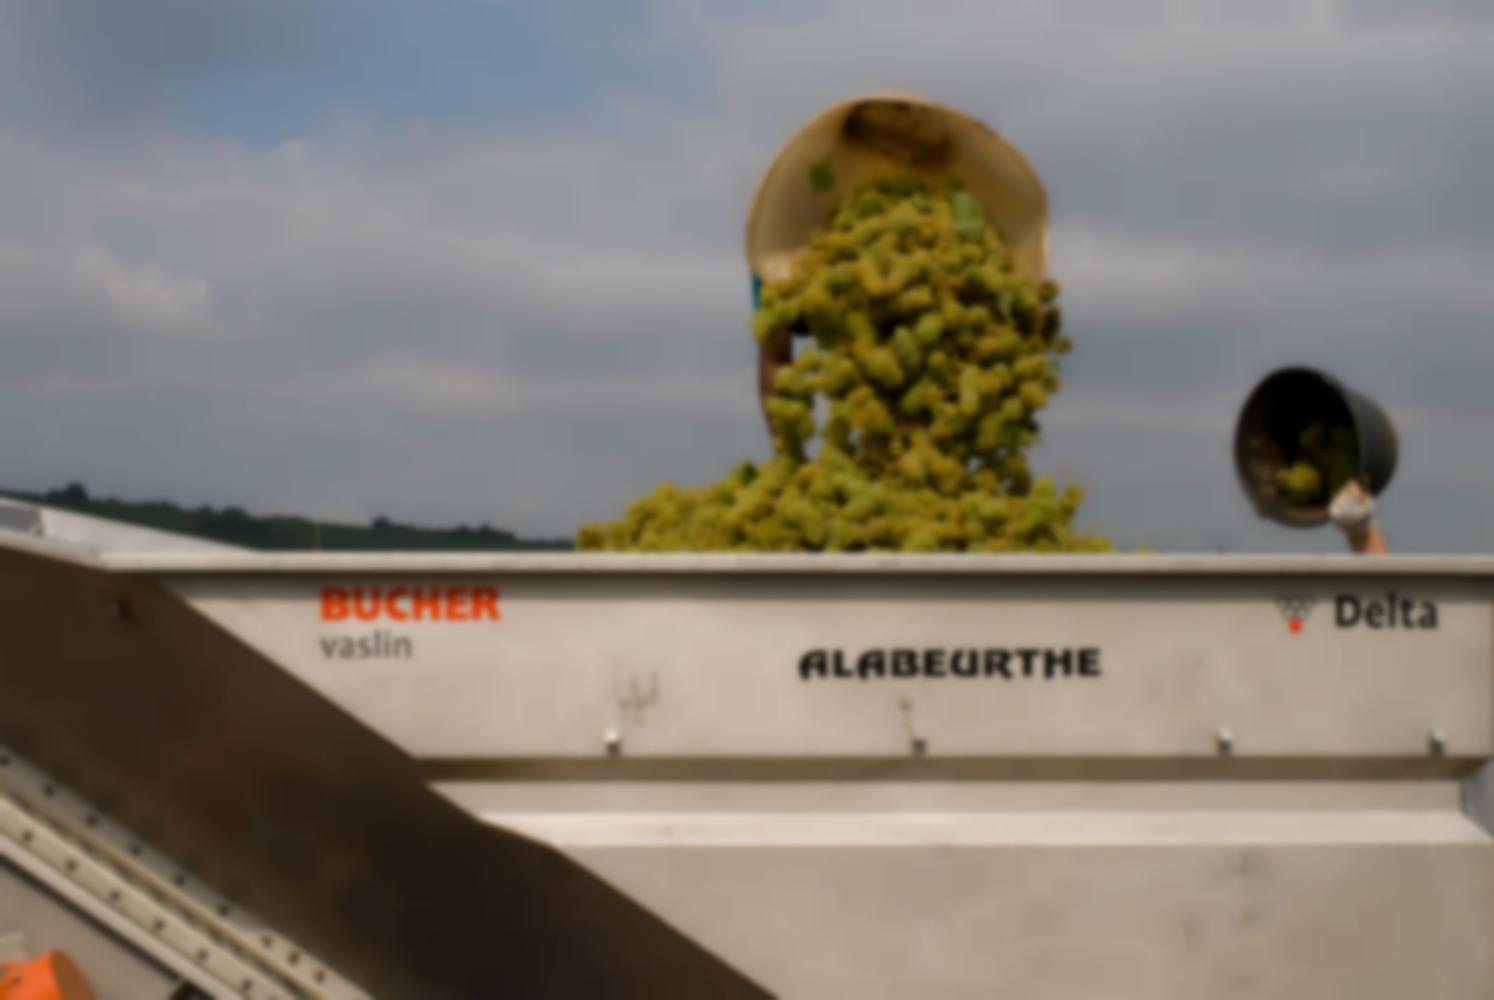 Par-dessus la benne, une hotte et le raisin blanc qui en tombe cachent le porteur. A côté, une main vide un seau. Chassagne-Montrachet, Bourgogne, septembre 2009.